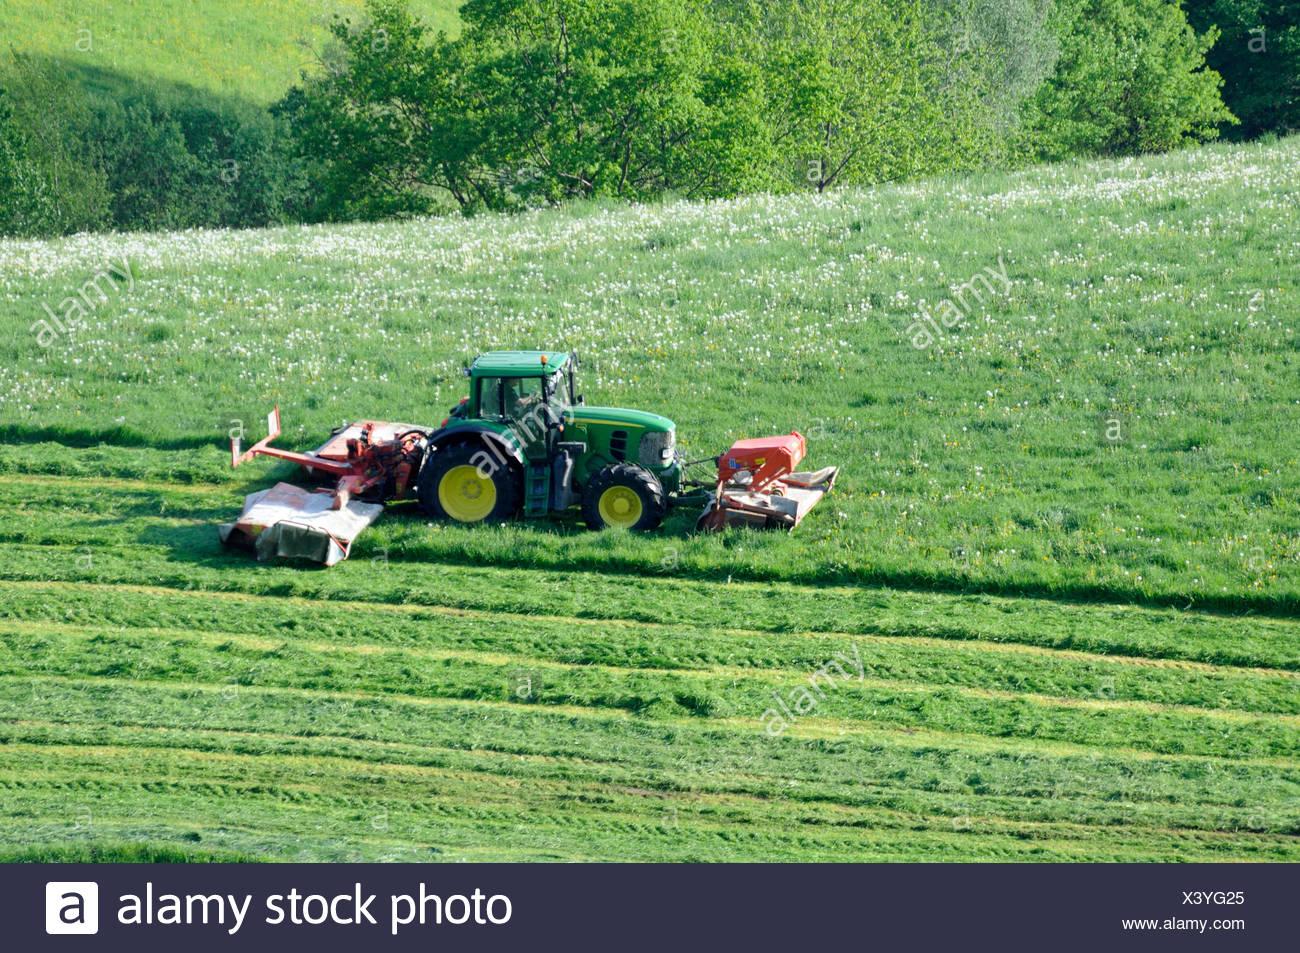 Gemeinsame traktor, schlepper, mähwerk, Gemähte Wiese, landwirtschaft, wiese #XD_48